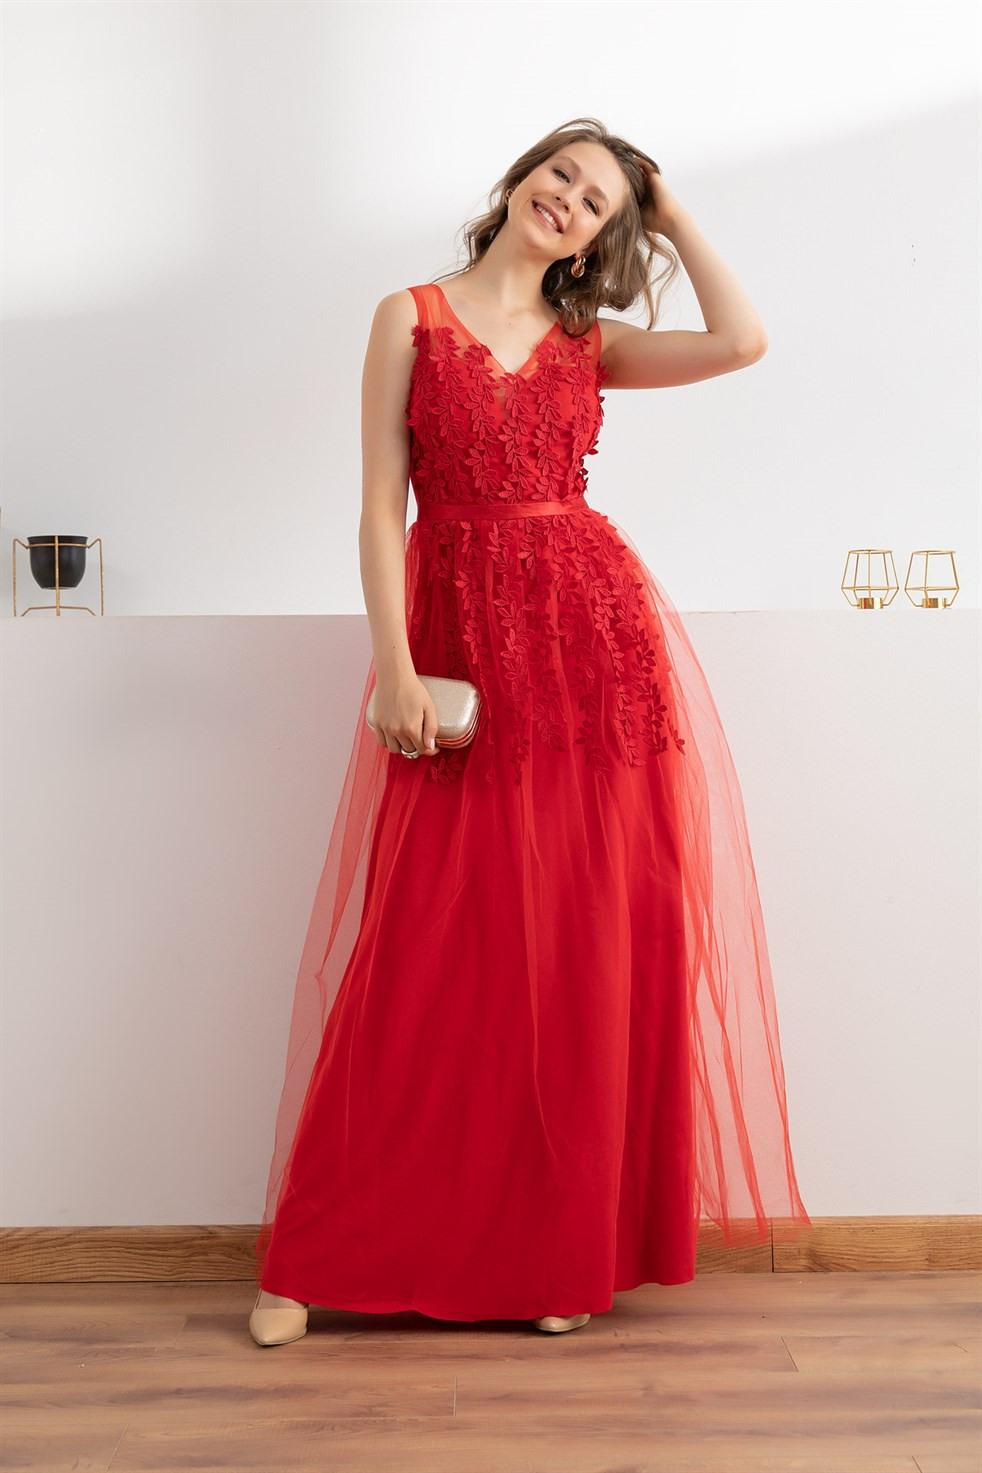 15 Schön Abendkleider Rot Stylish20 Top Abendkleider Rot Spezialgebiet